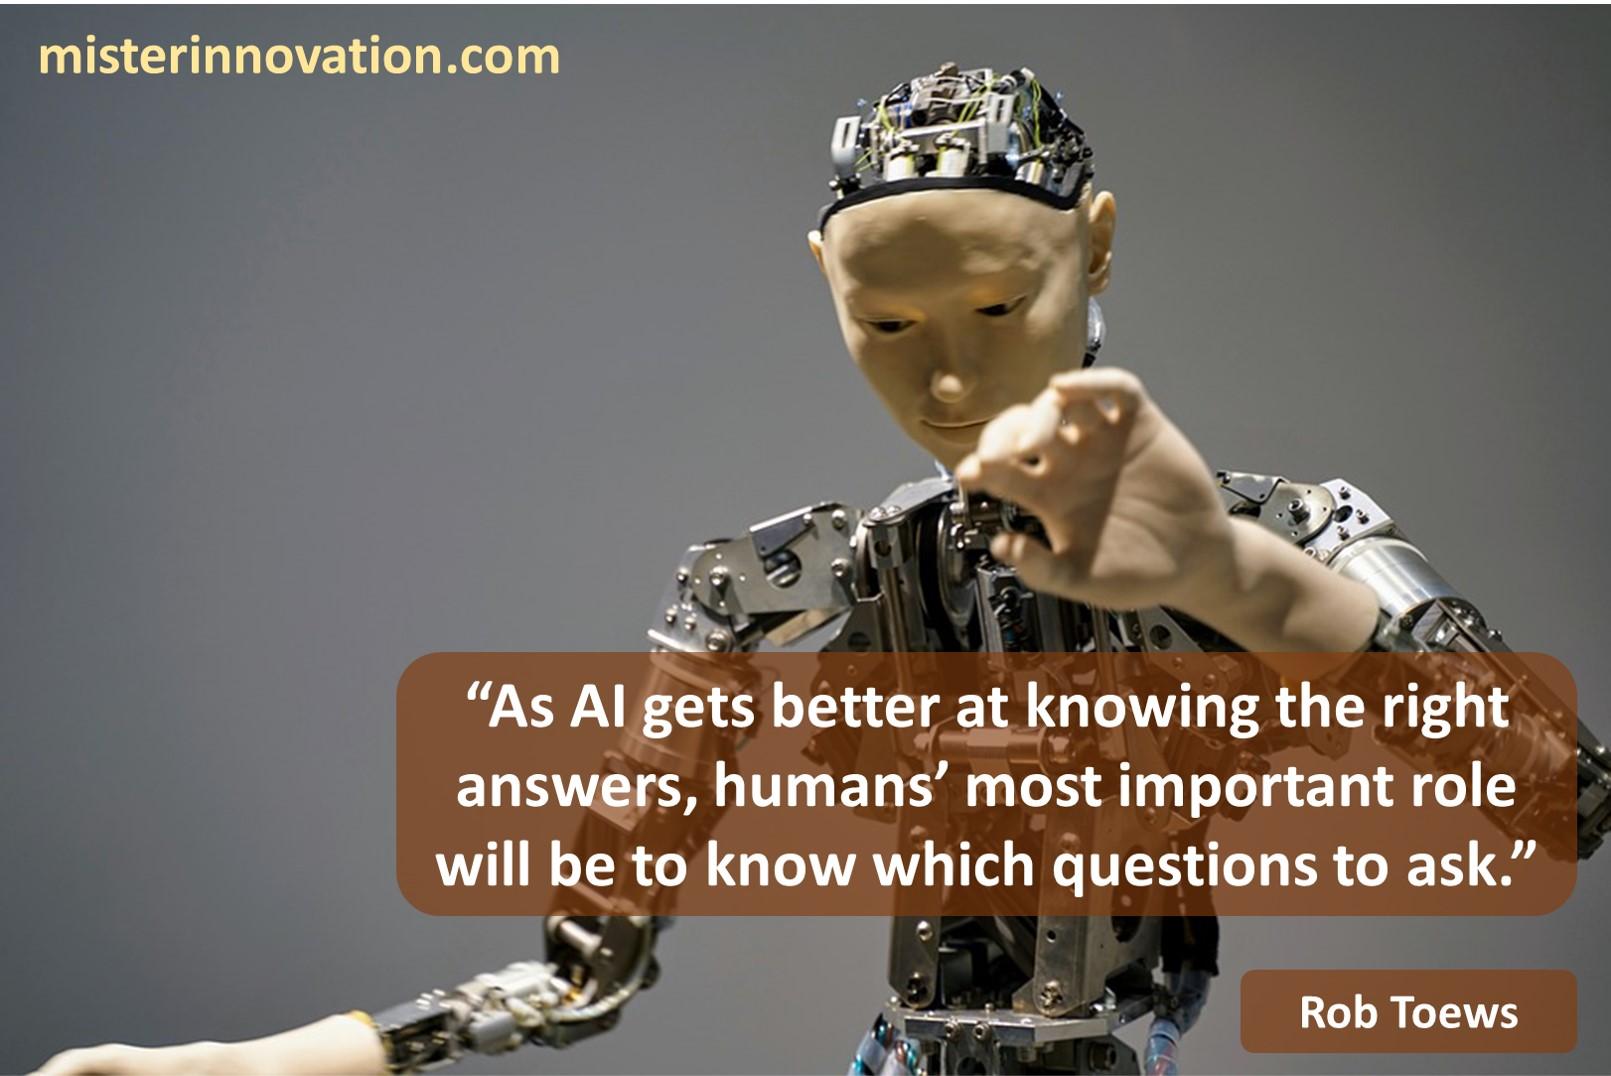 Rob Toews AI